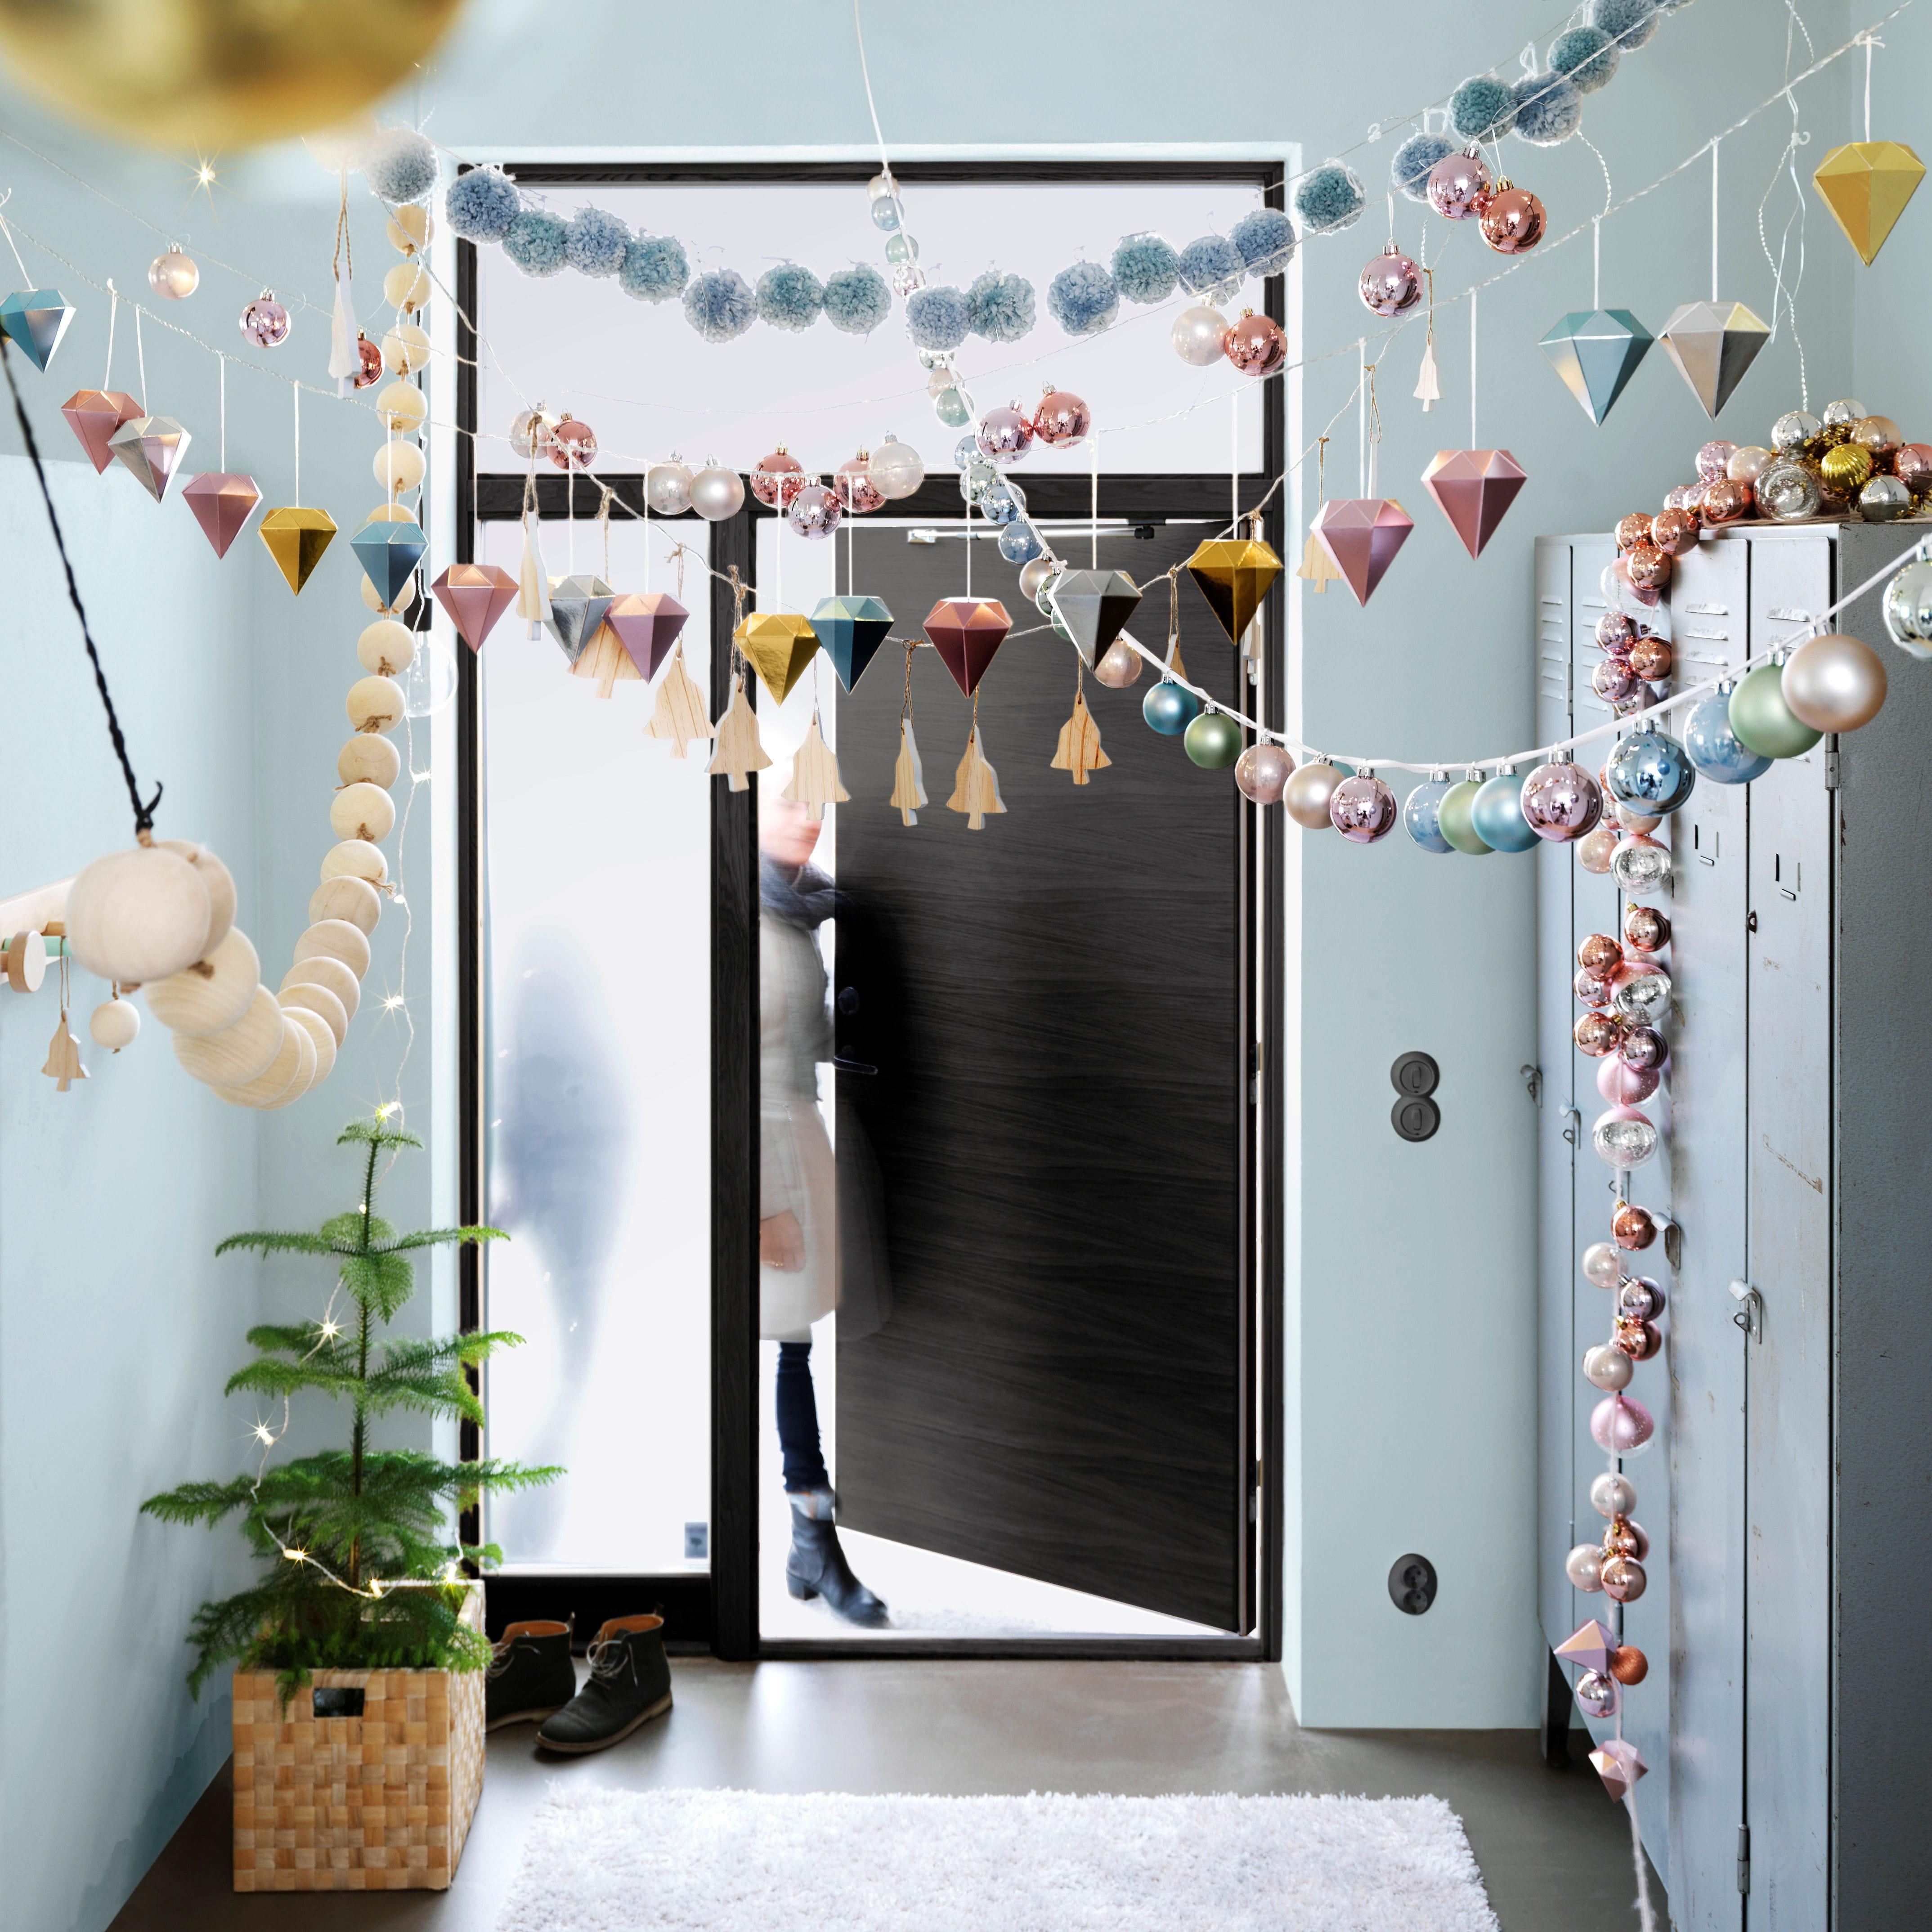 #876F40 Décorations à Suspendre Vinter D'IKEA 5449 decorations de noel ikea 4295x4295 px @ aertt.com